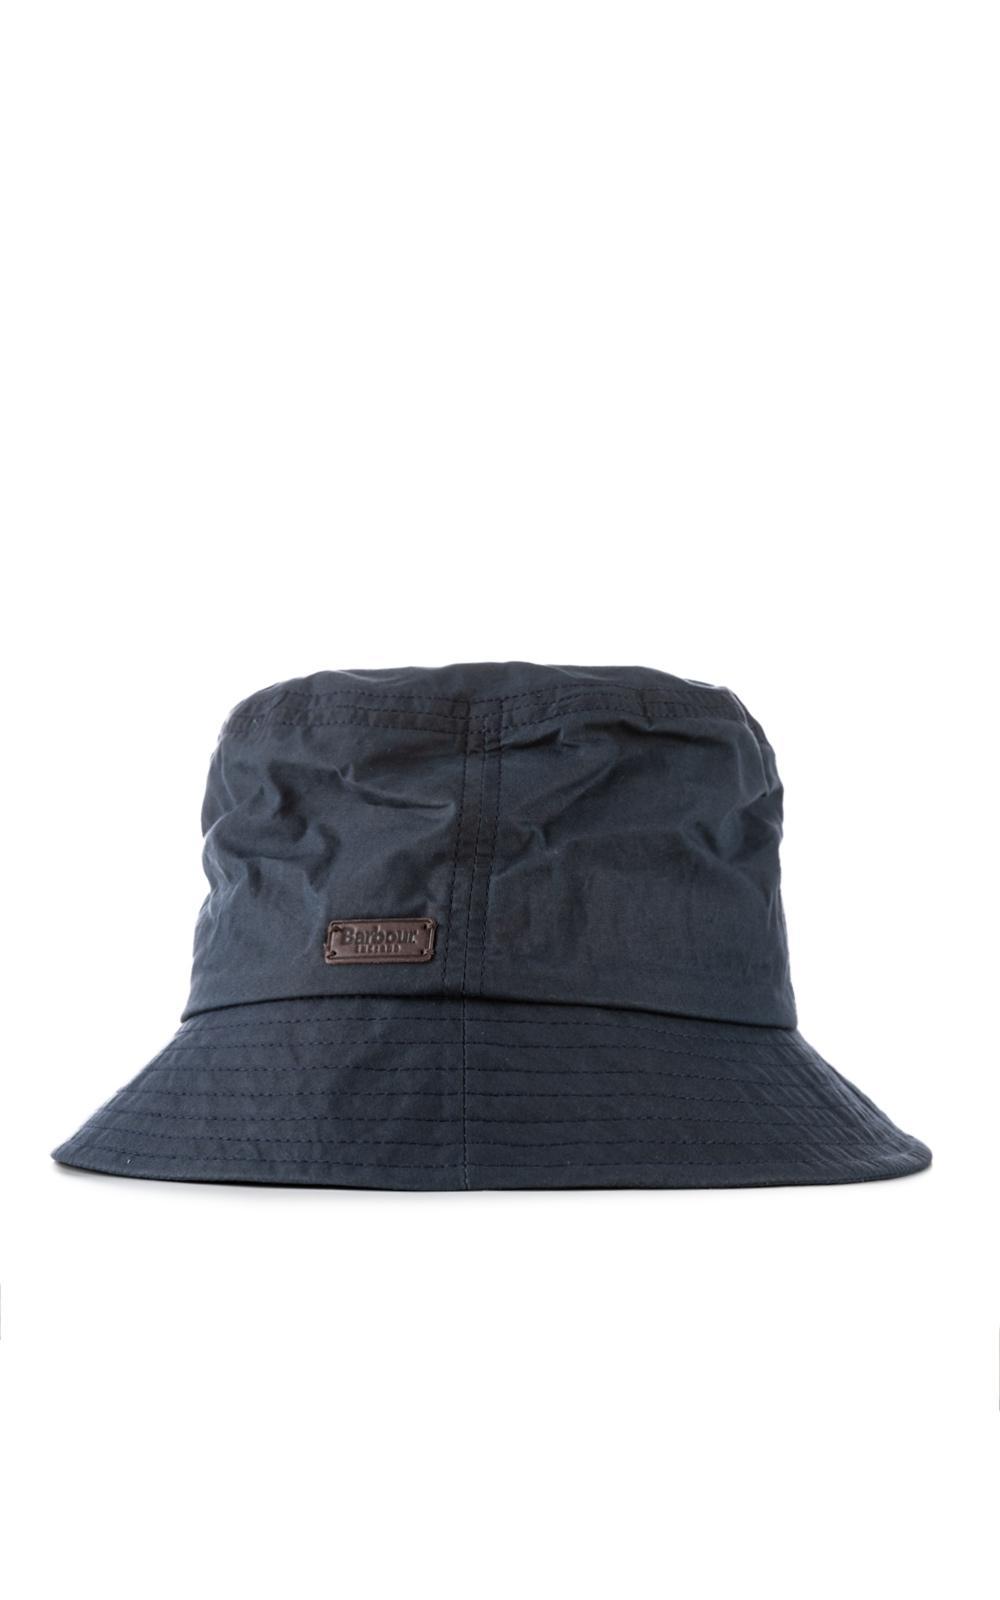 Lyst Barbour Irvine Wax Sports Hat Dark Navy In Blue For Men